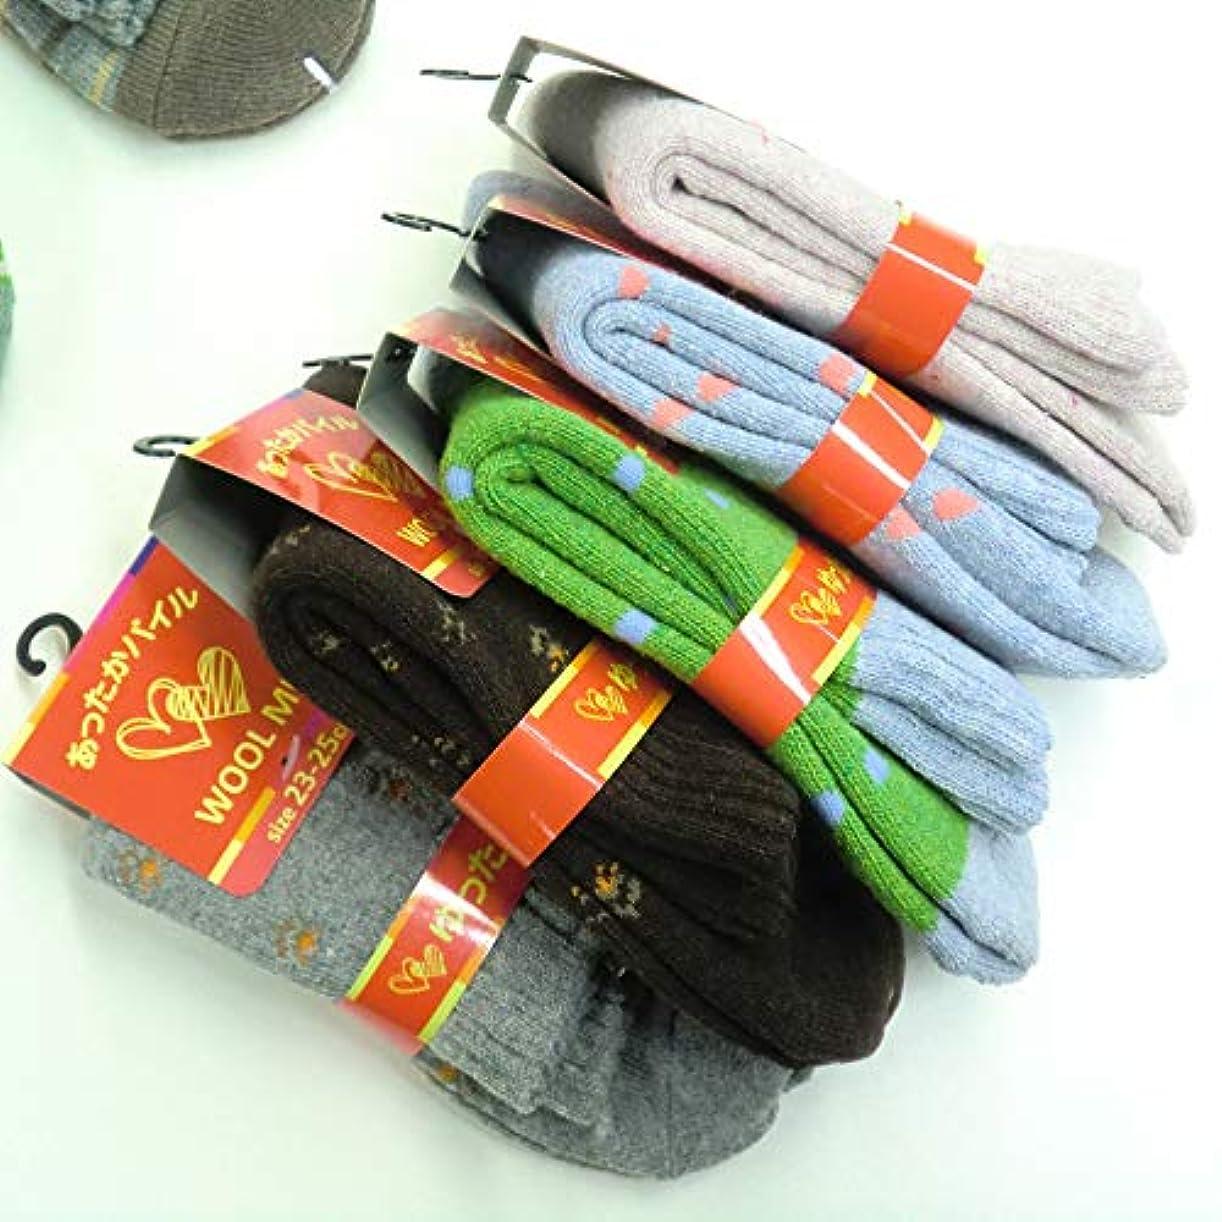 光沢レイアウトミキサー靴下 あったか レディース 毛混 パイルソックス お買得5足組(柄はお任せ)